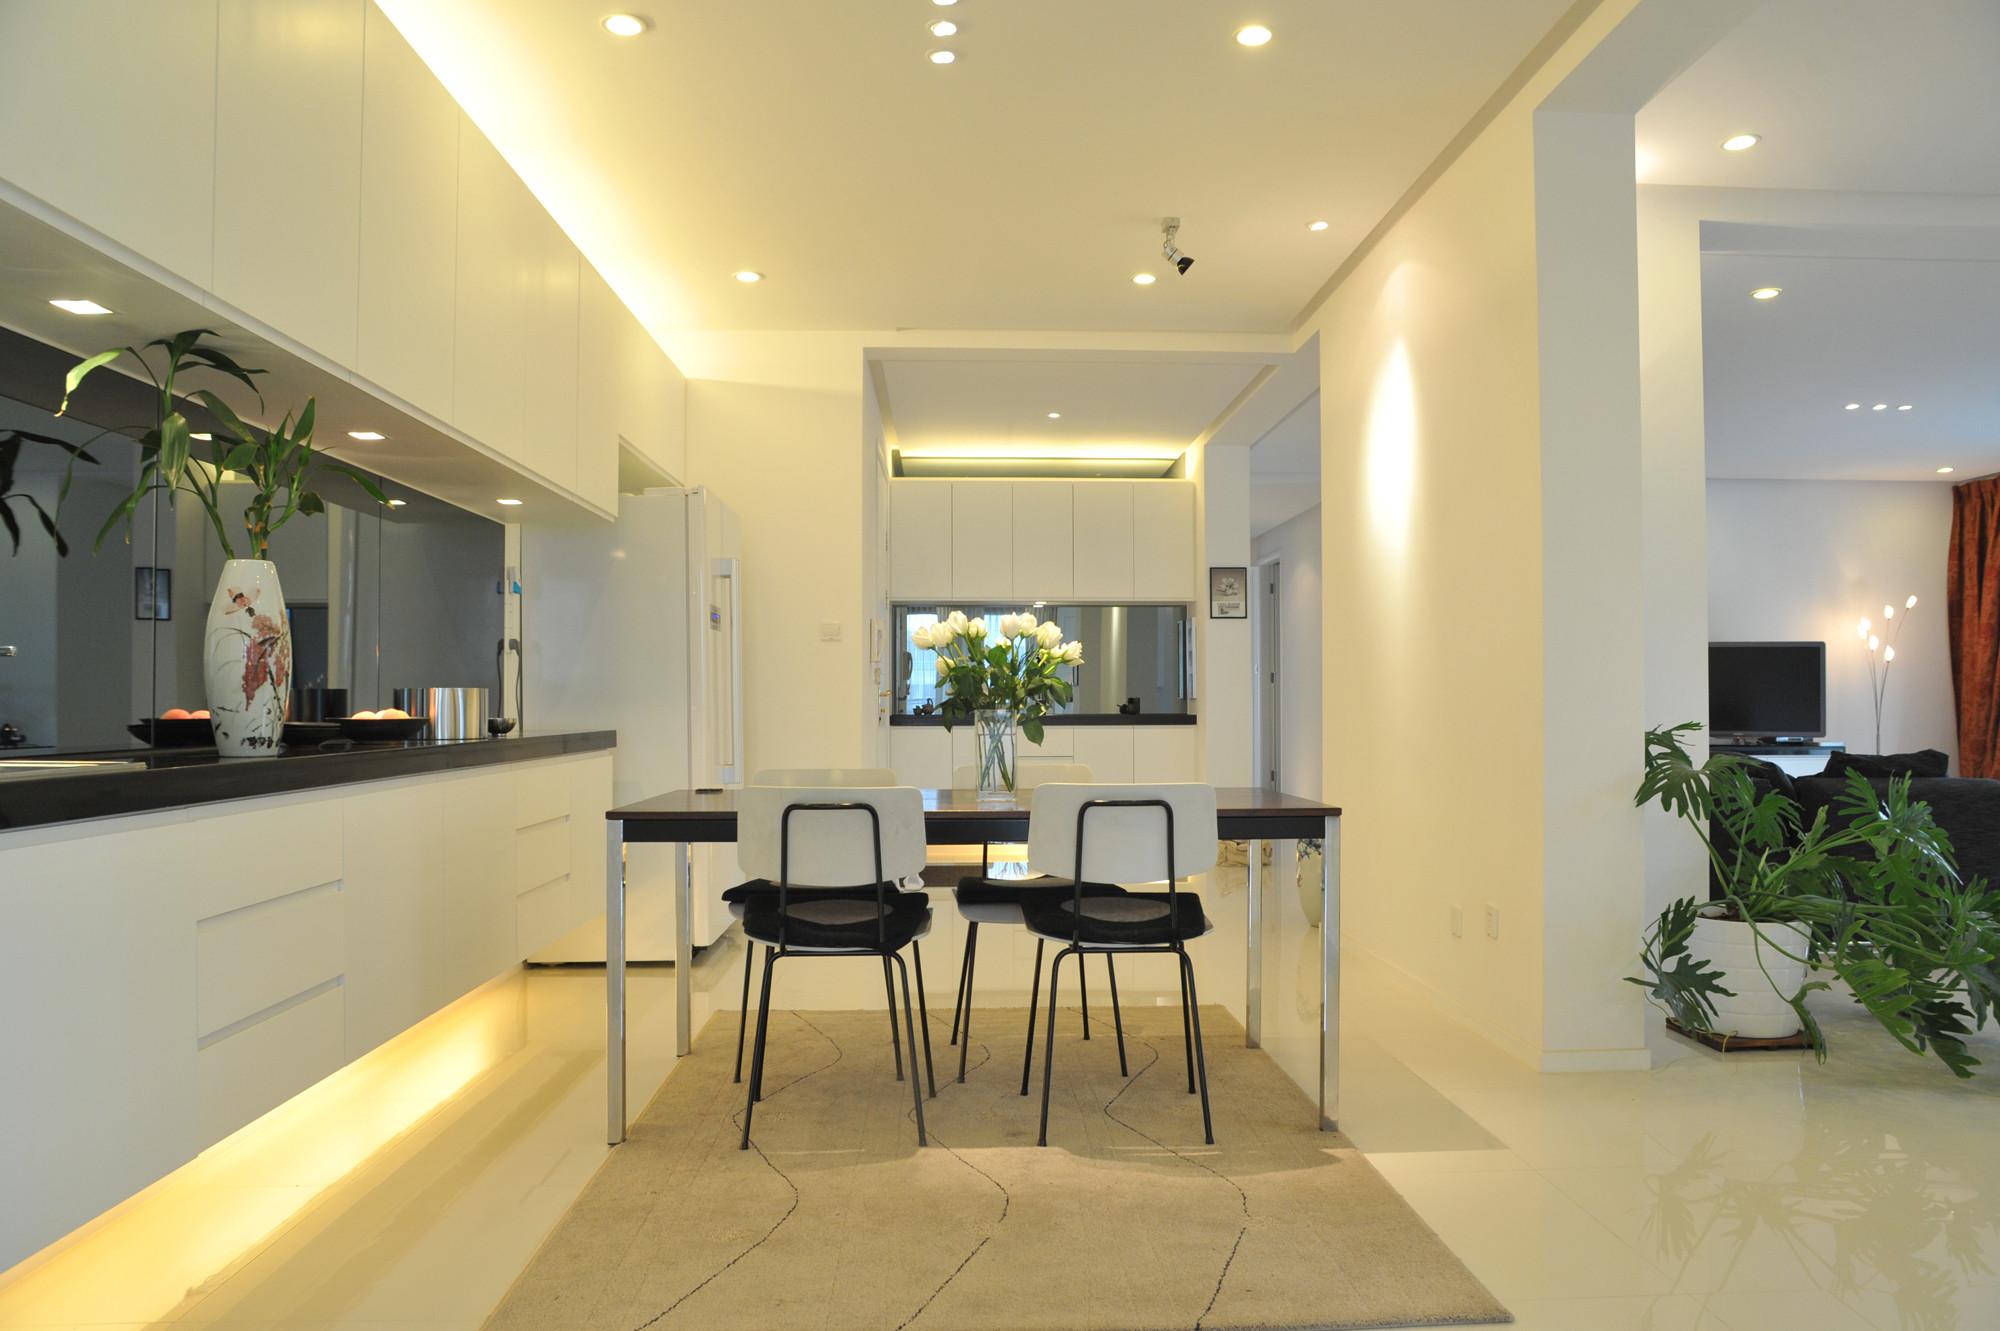 现代简约大户型设计餐厅吊顶